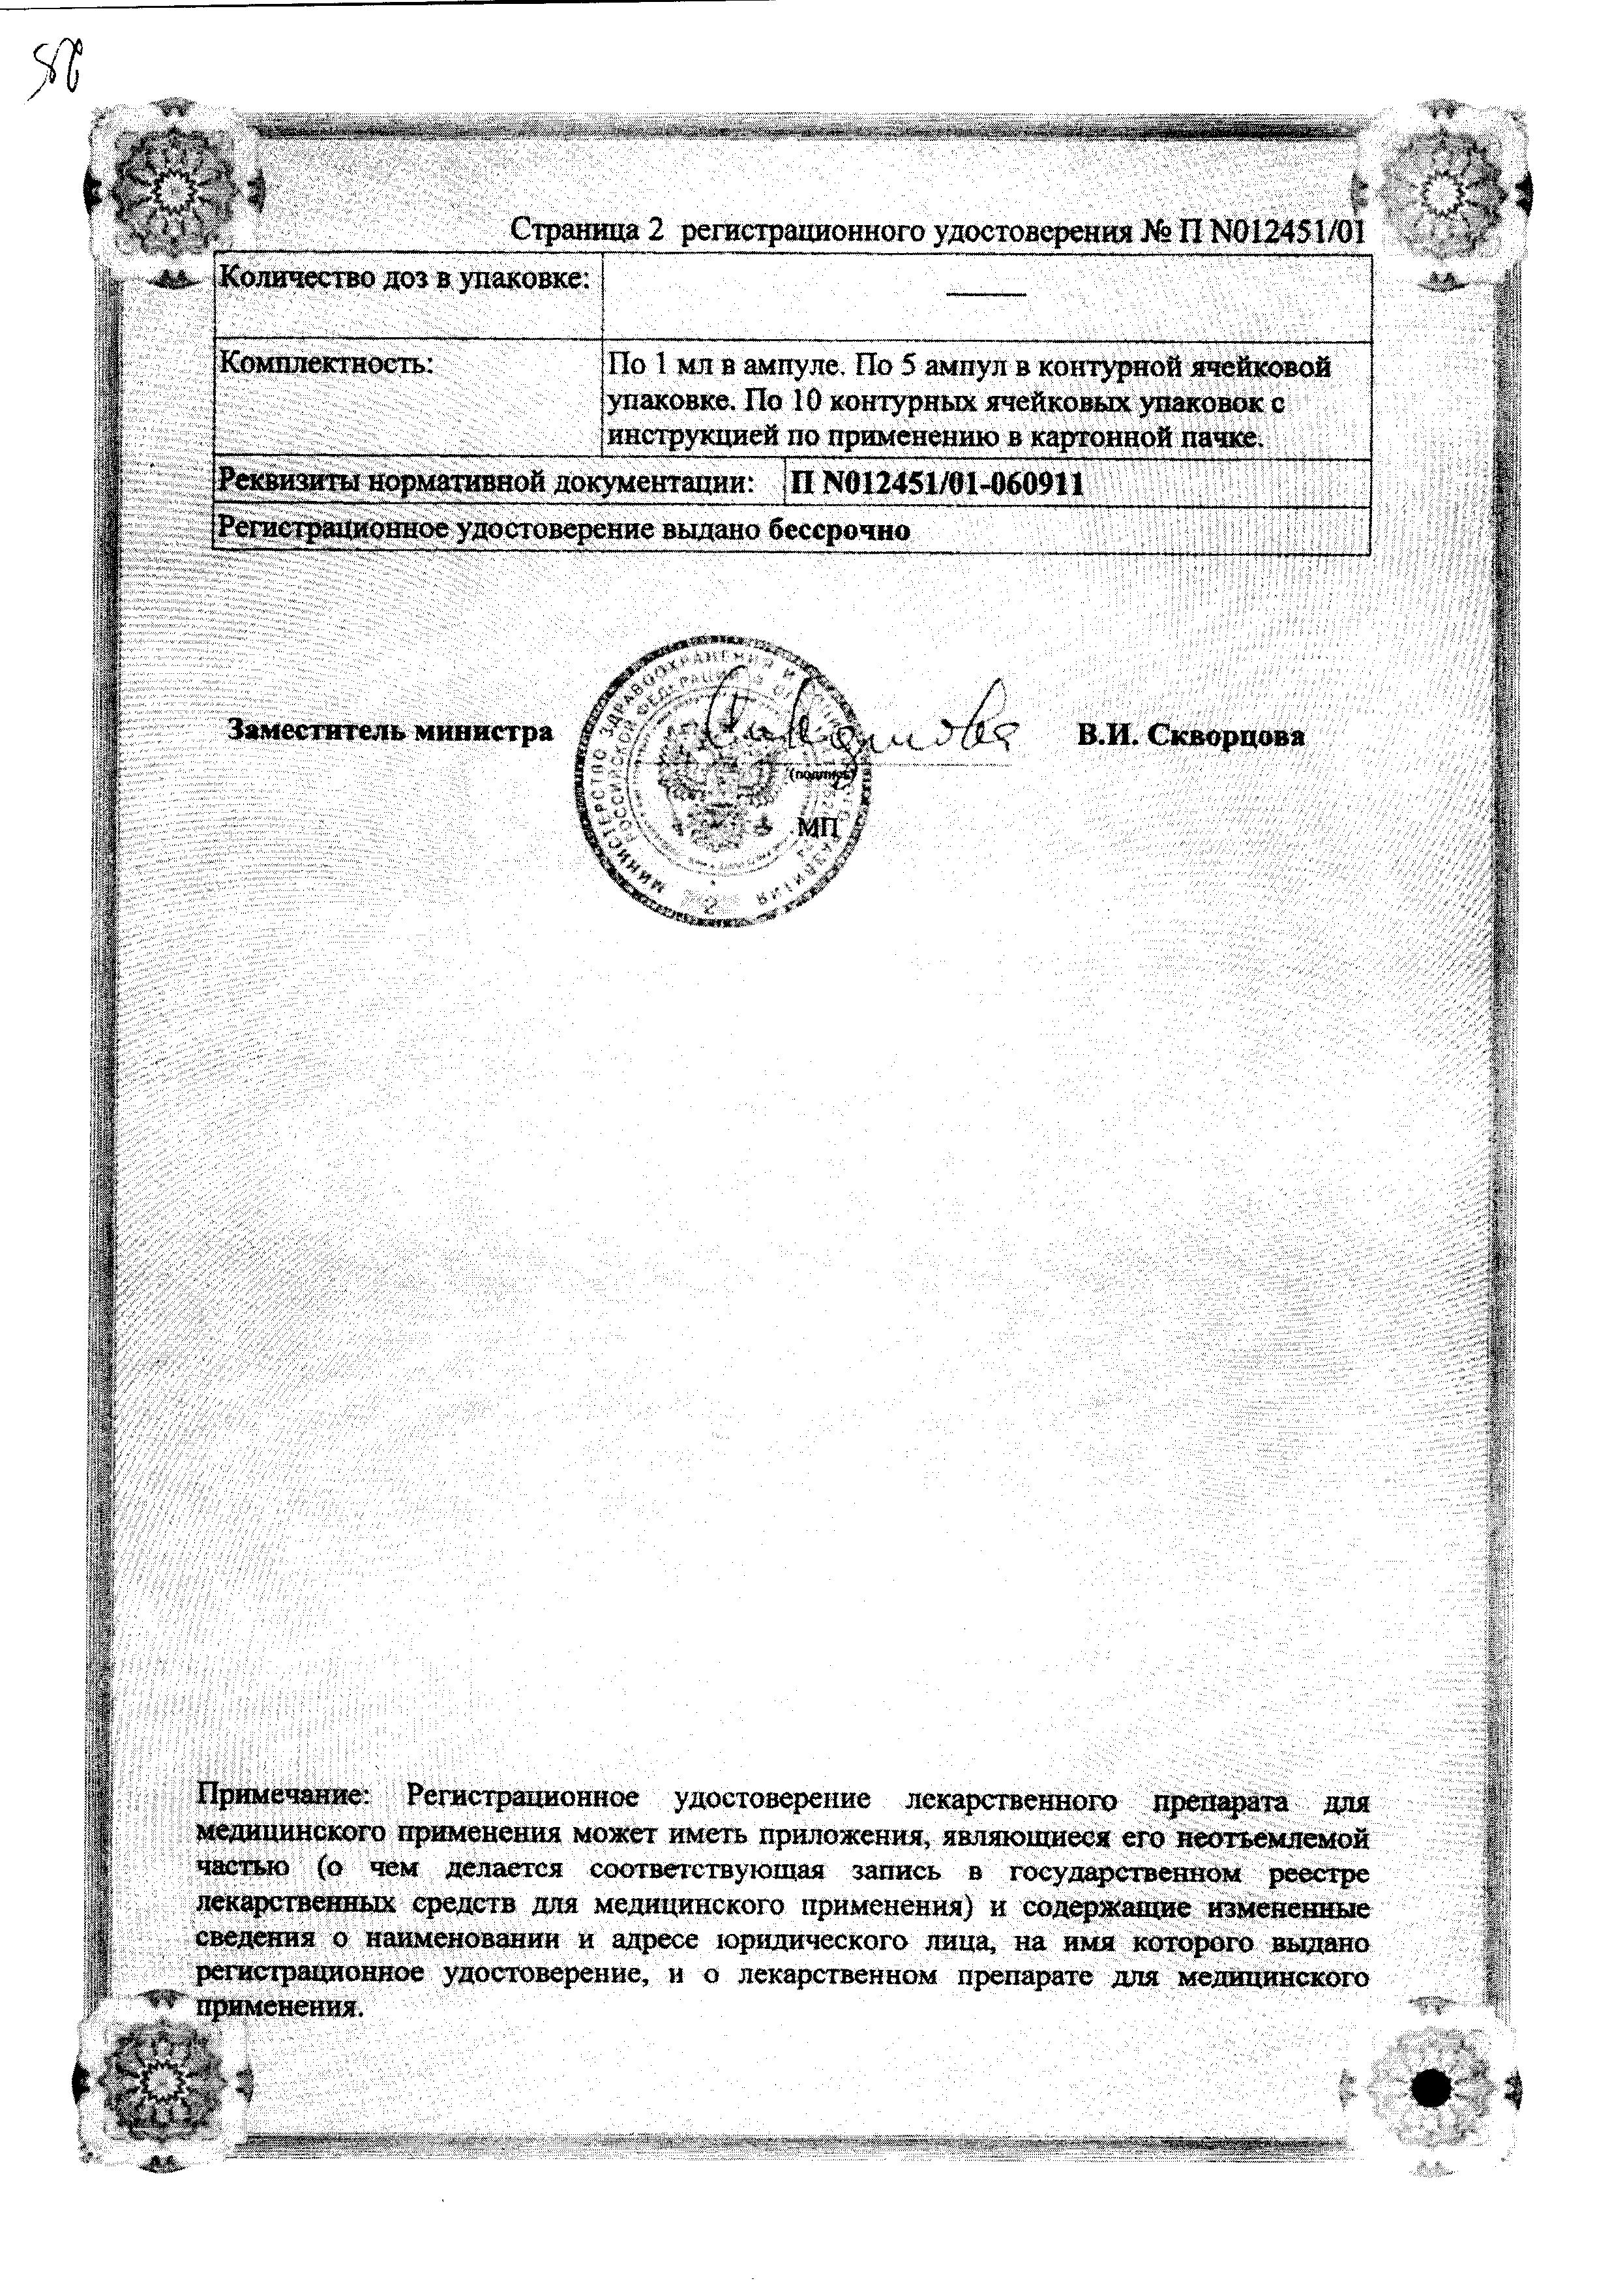 Метилэргобревин сертификат